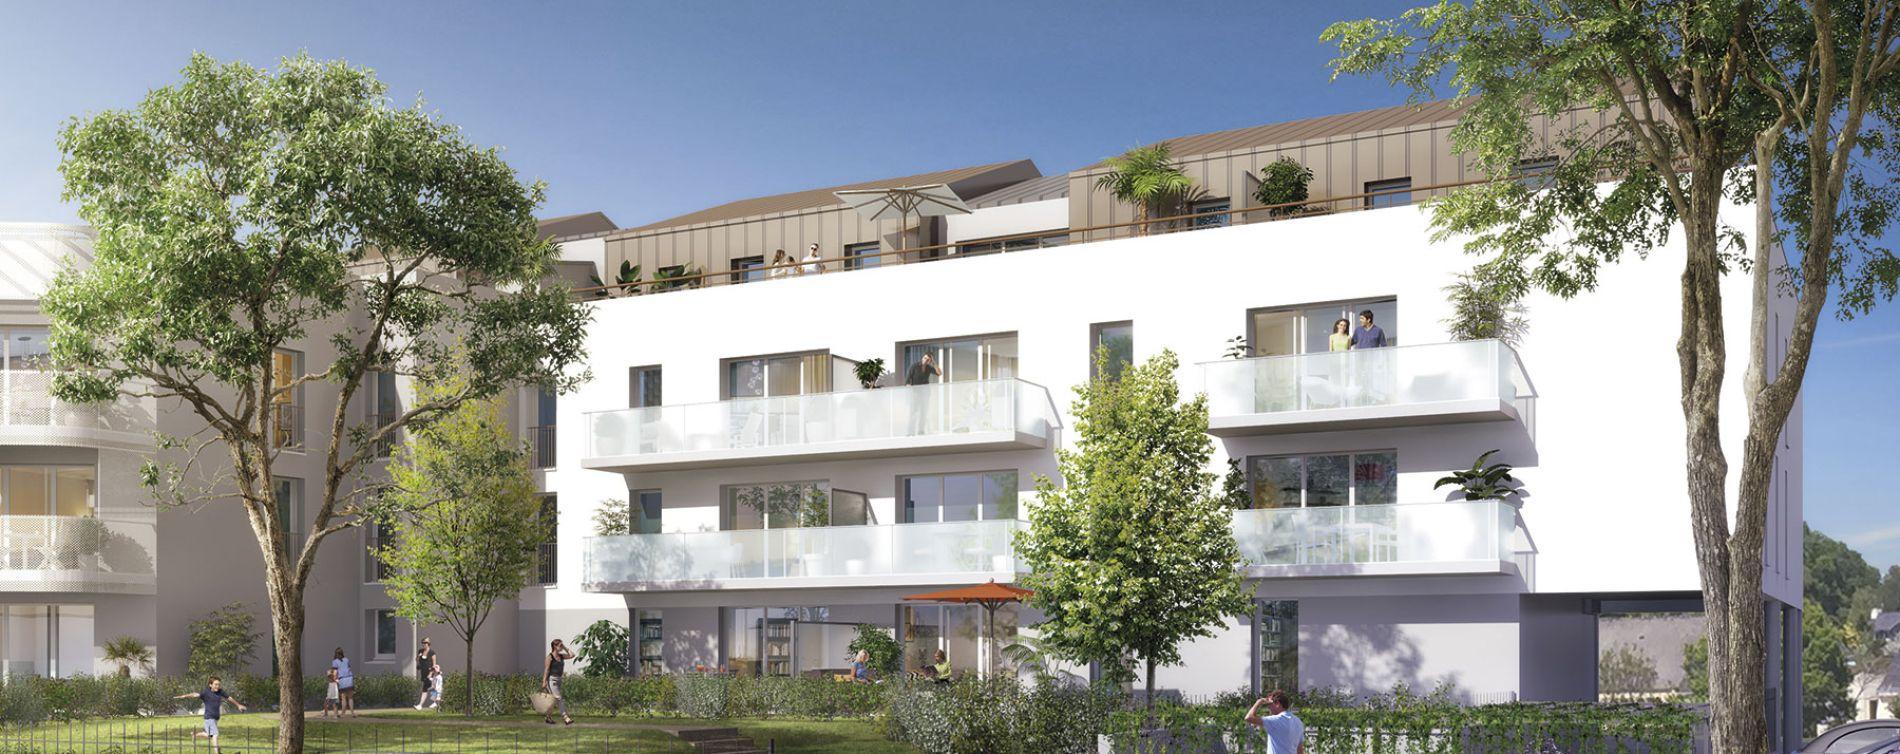 Résidence Prisme à Noyal-Châtillon-sur-Seiche